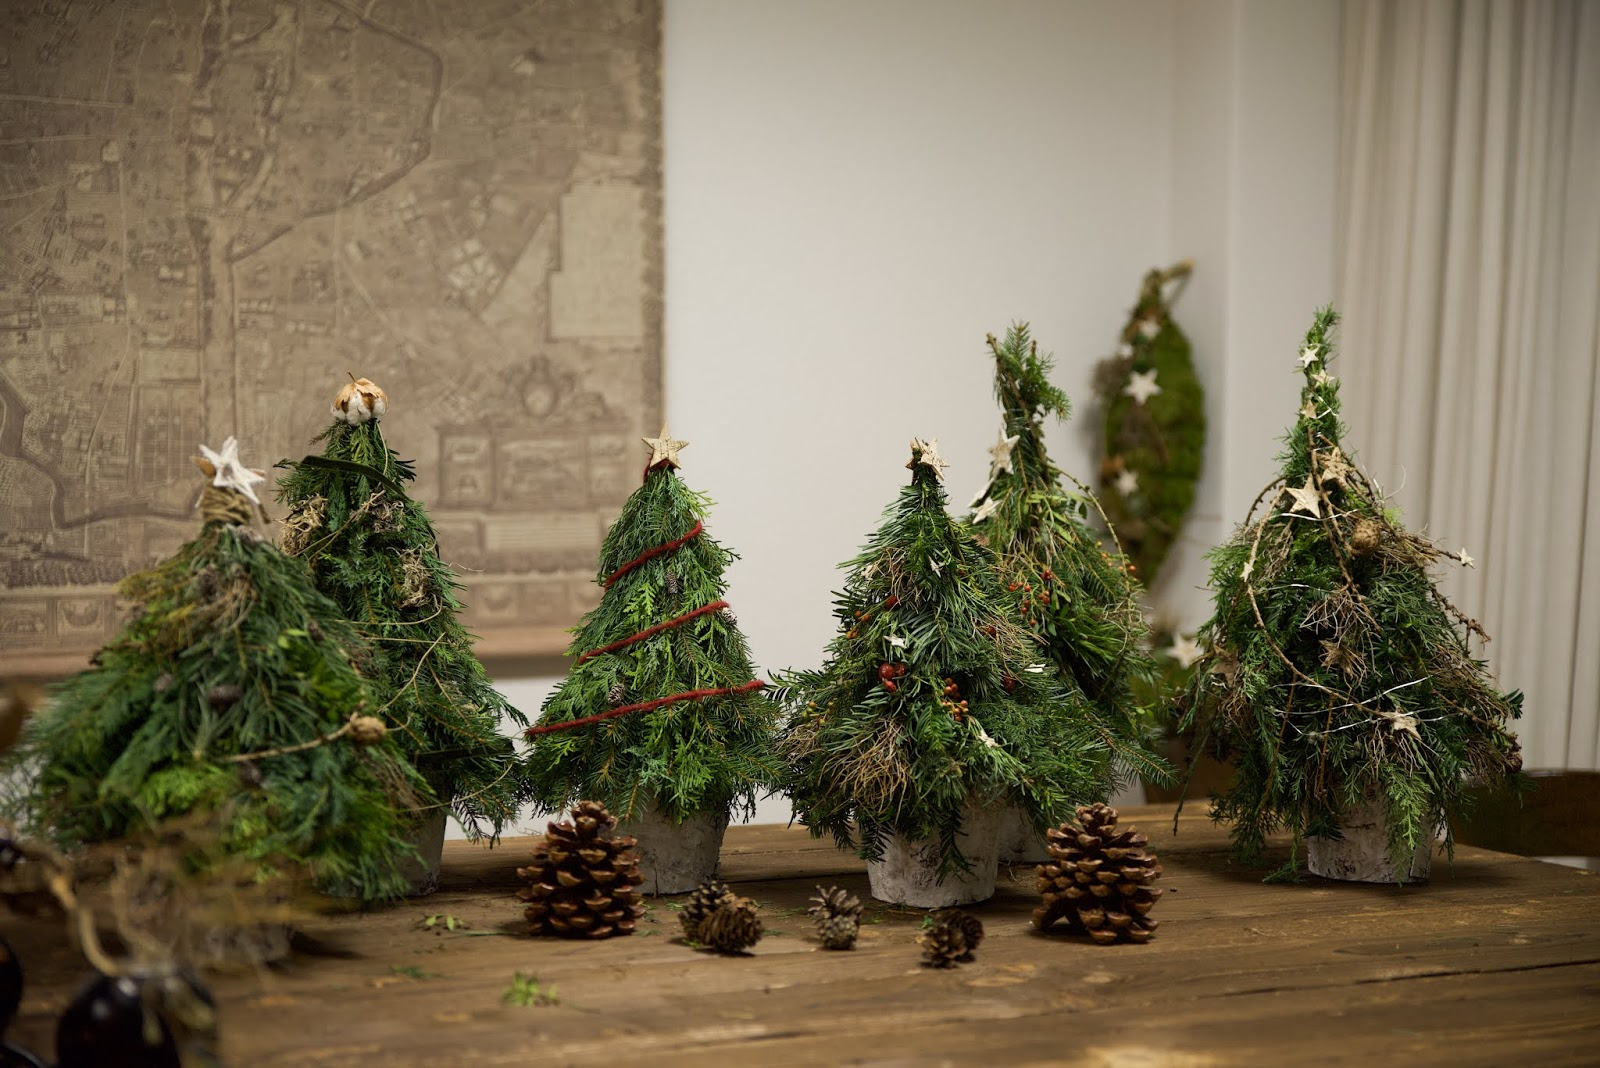 Workshop Rückblick Winterdeko aus Naturmaterialien von Kreativ-Natürlich-Ideenreich: Dekostab Gartenstab Mooskranz Winterbäume Winterbaum  mit tollen Materialien Ideen Inspirationen Kreativsein winterliche Deko und mehr gestalten